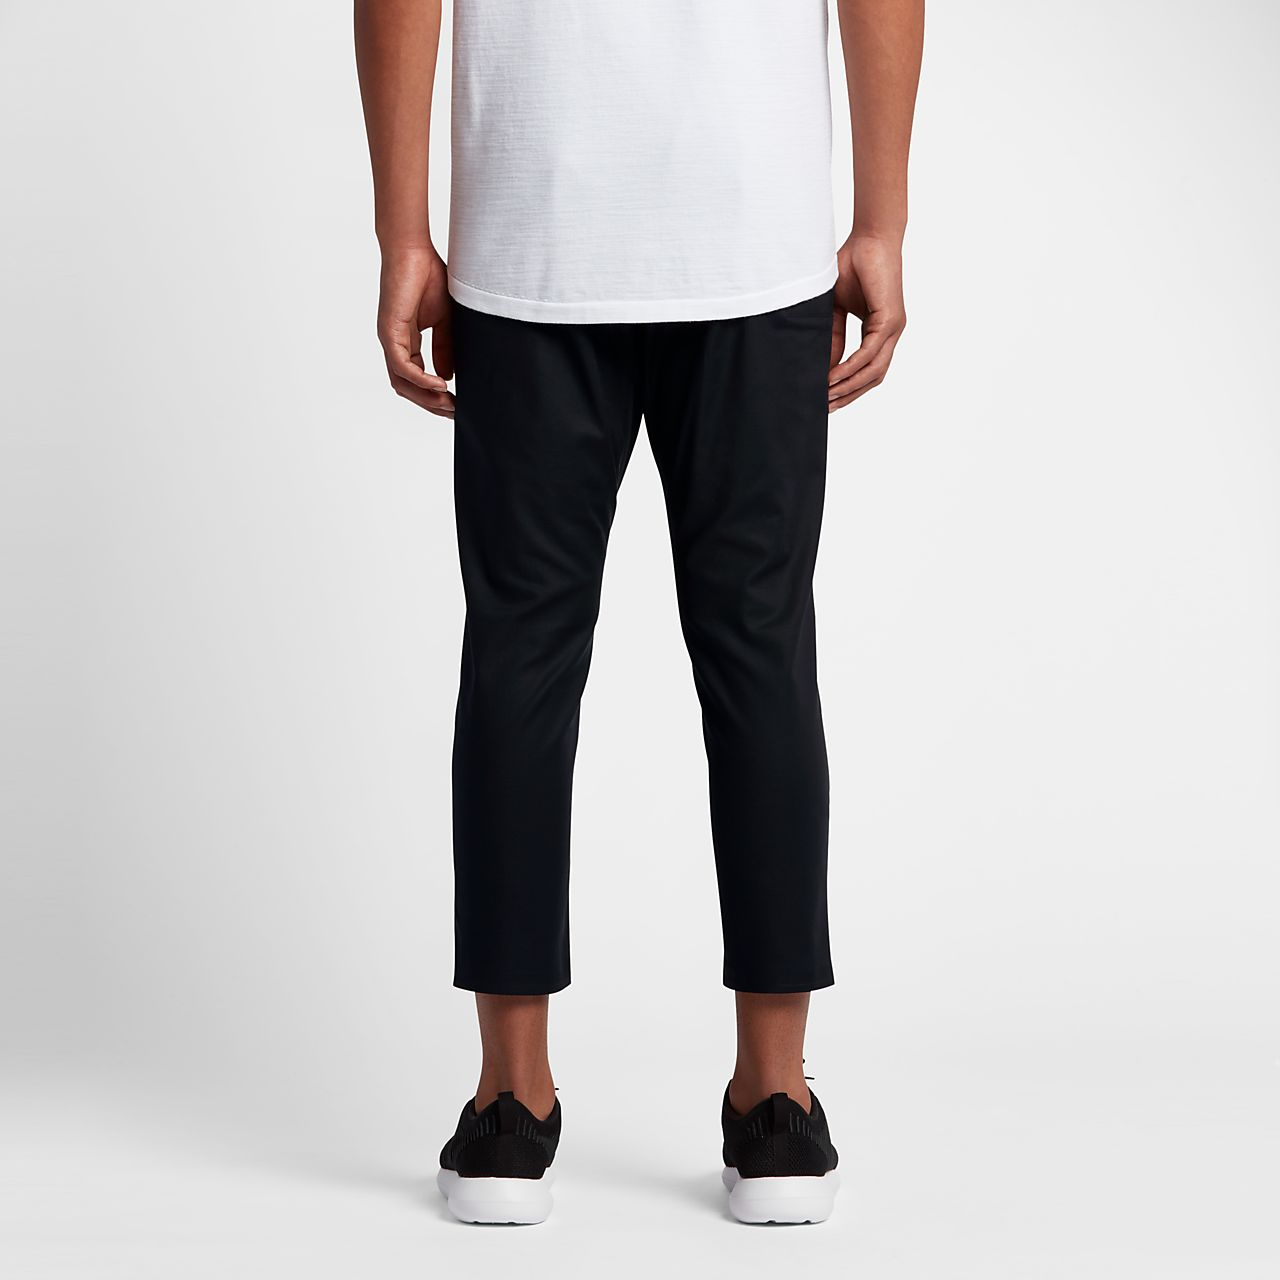 Nike Bonded Woven SchwarzSchwarz  Hosen